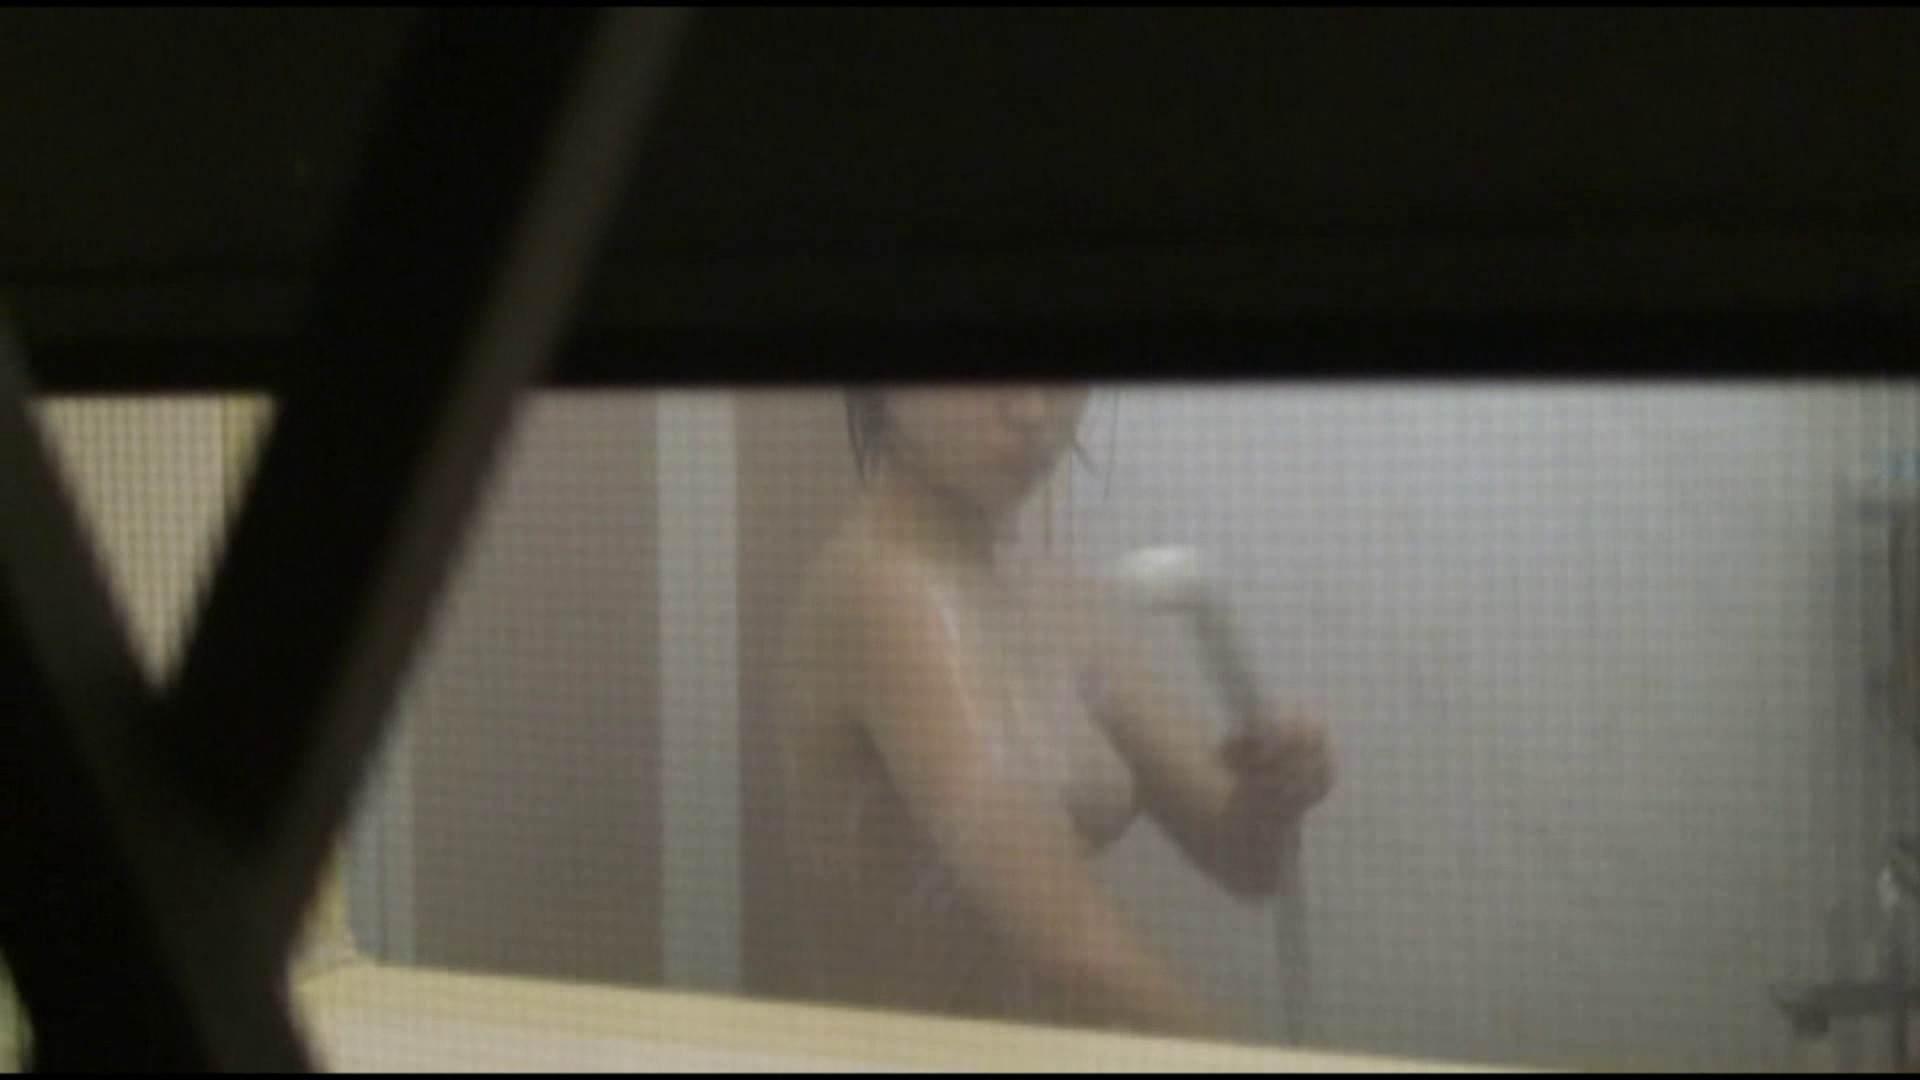 vol.04巨乳美人のおっぱいがプルルンッと弾けてます!風呂上りも必見 おっぱい オマンコ動画キャプチャ 105連発 18